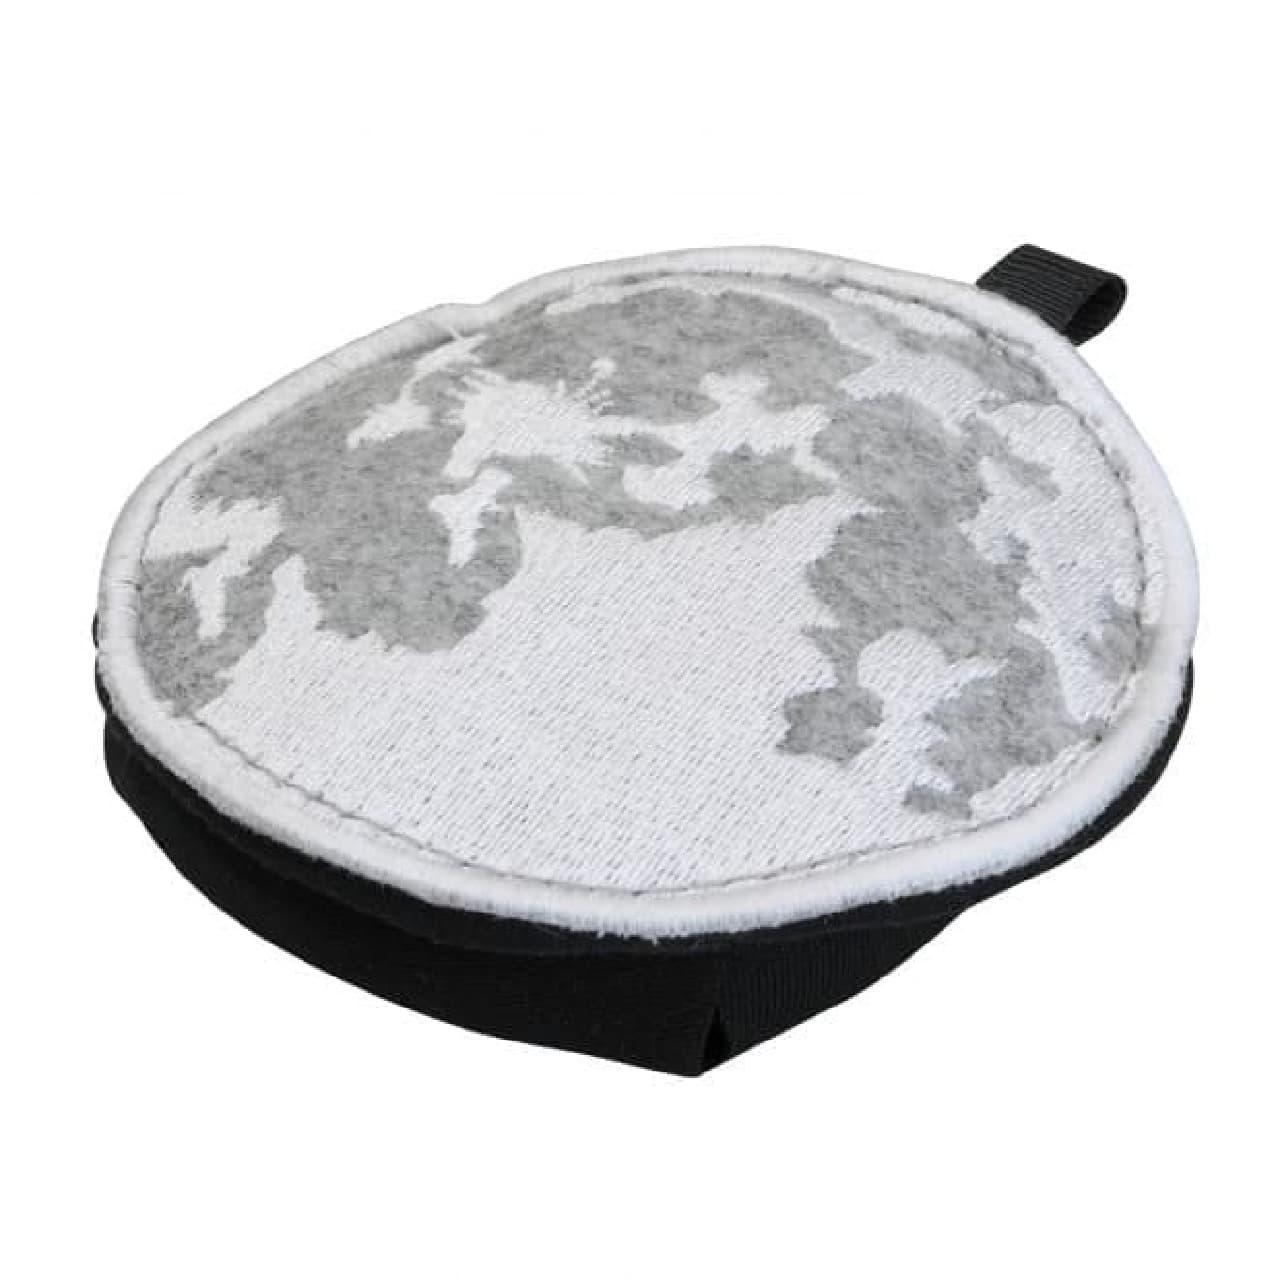 月と地球をデザインしたエコバッグ「Moon Eco Bag」がビクセンから